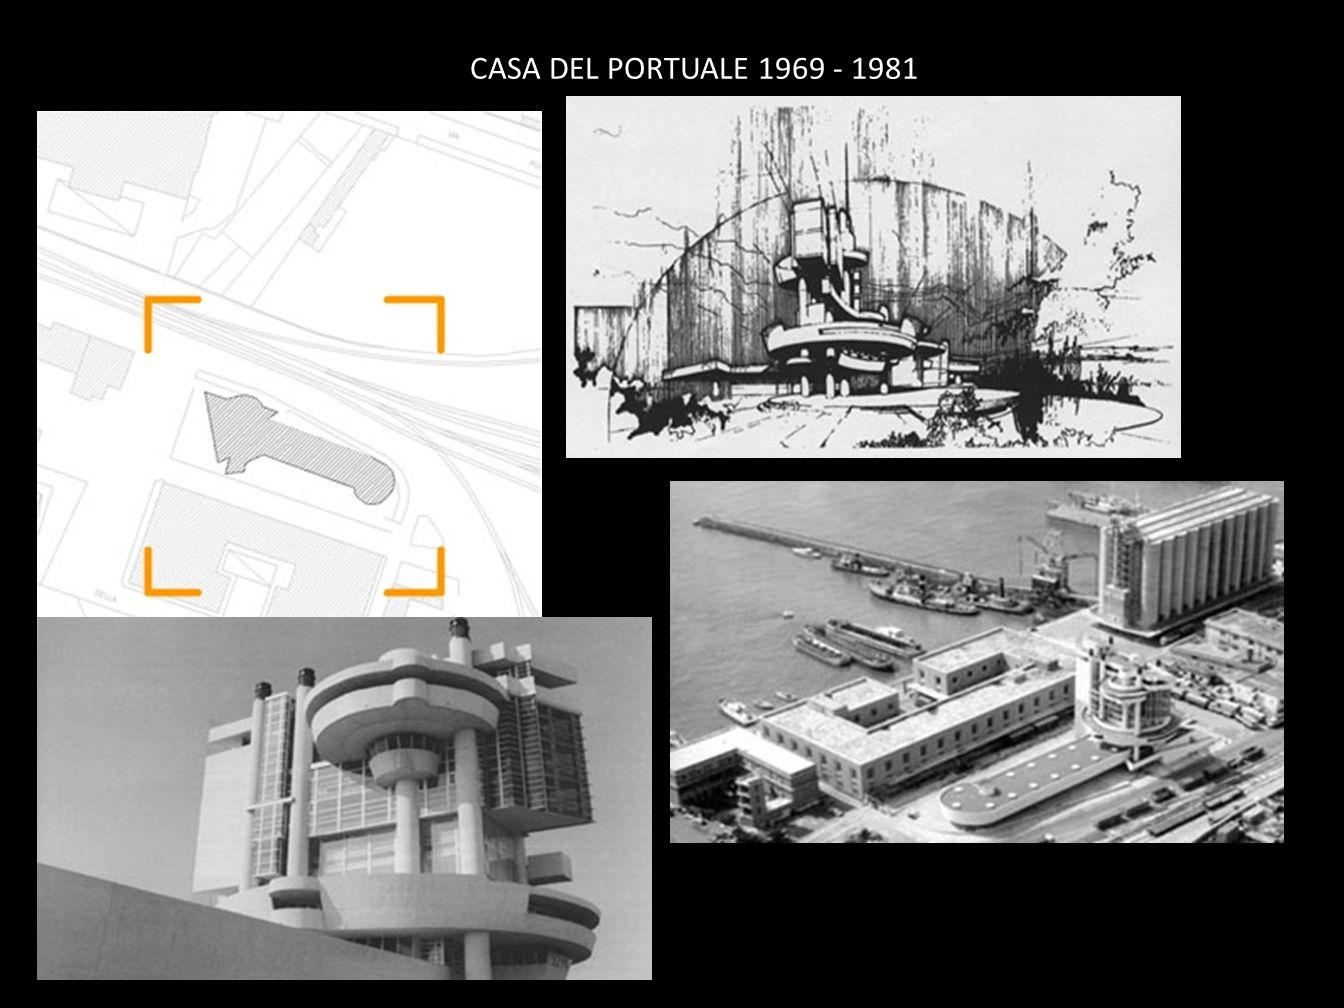 CASA DEL PORTUALE 1969 - 1981